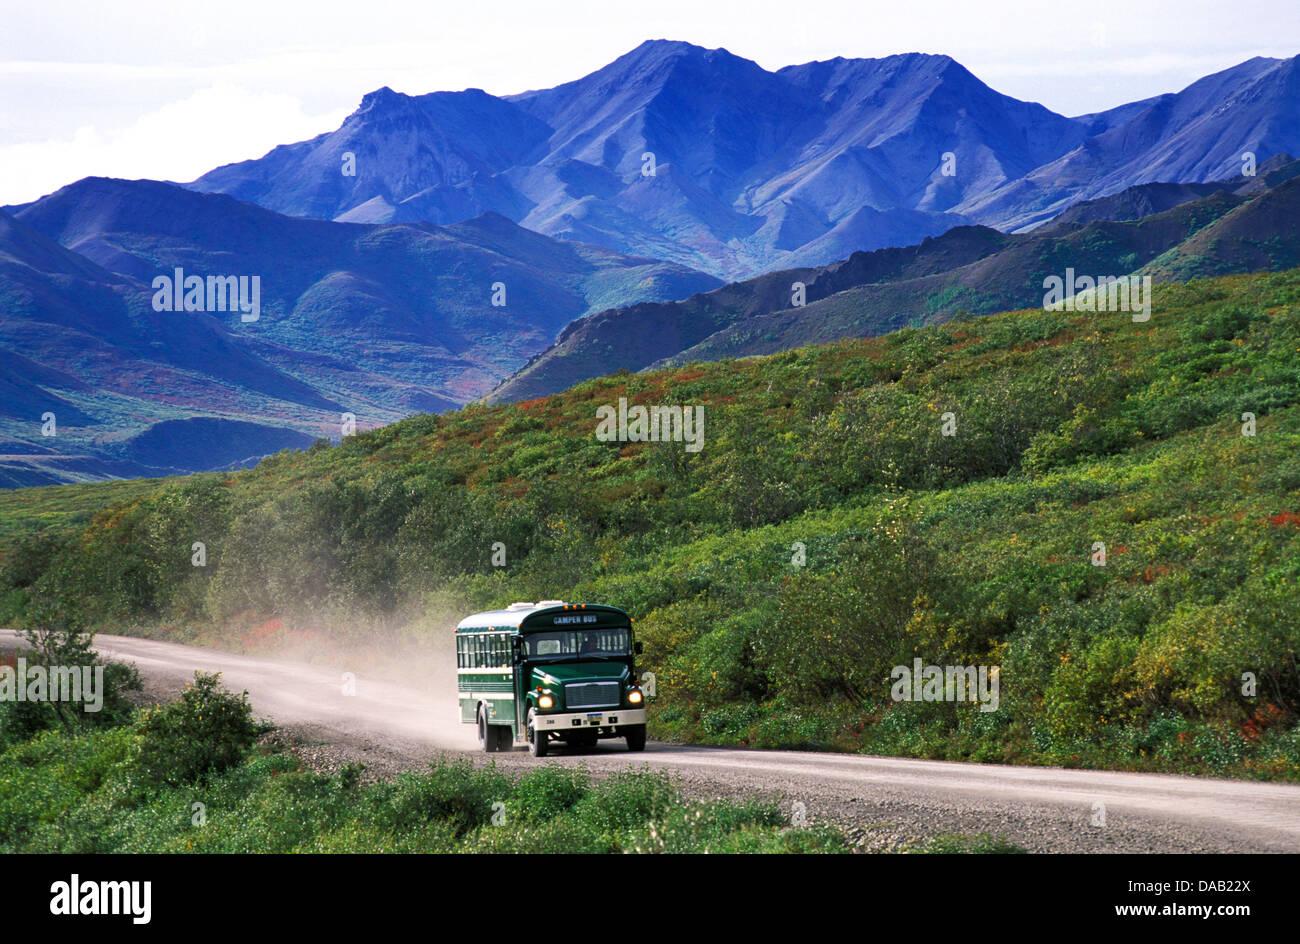 Los autobuses lanzadera, Kantishna Road, Denali, Parque Nacional, preservar, Alaska, EE.UU., bus, montañas, Imagen De Stock